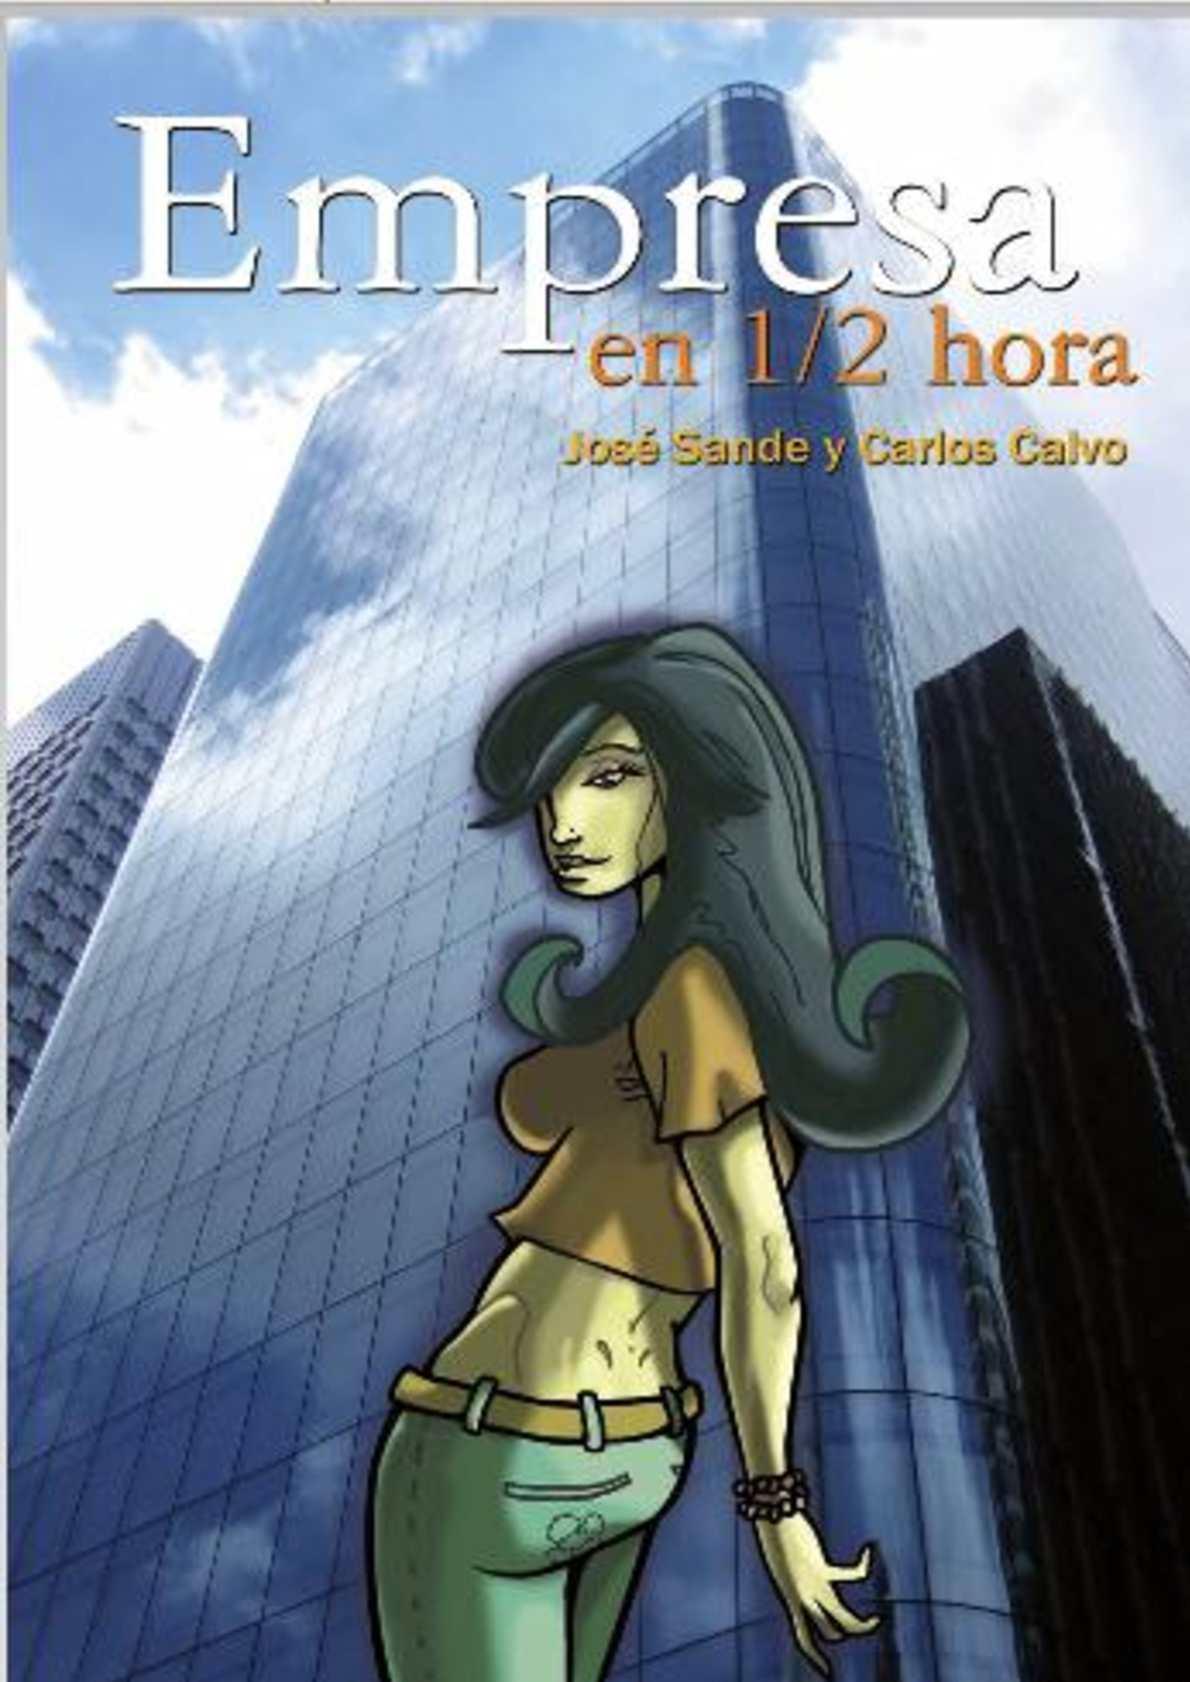 Empresa en 1/2 hora (José Sande y Carlos Calvo)